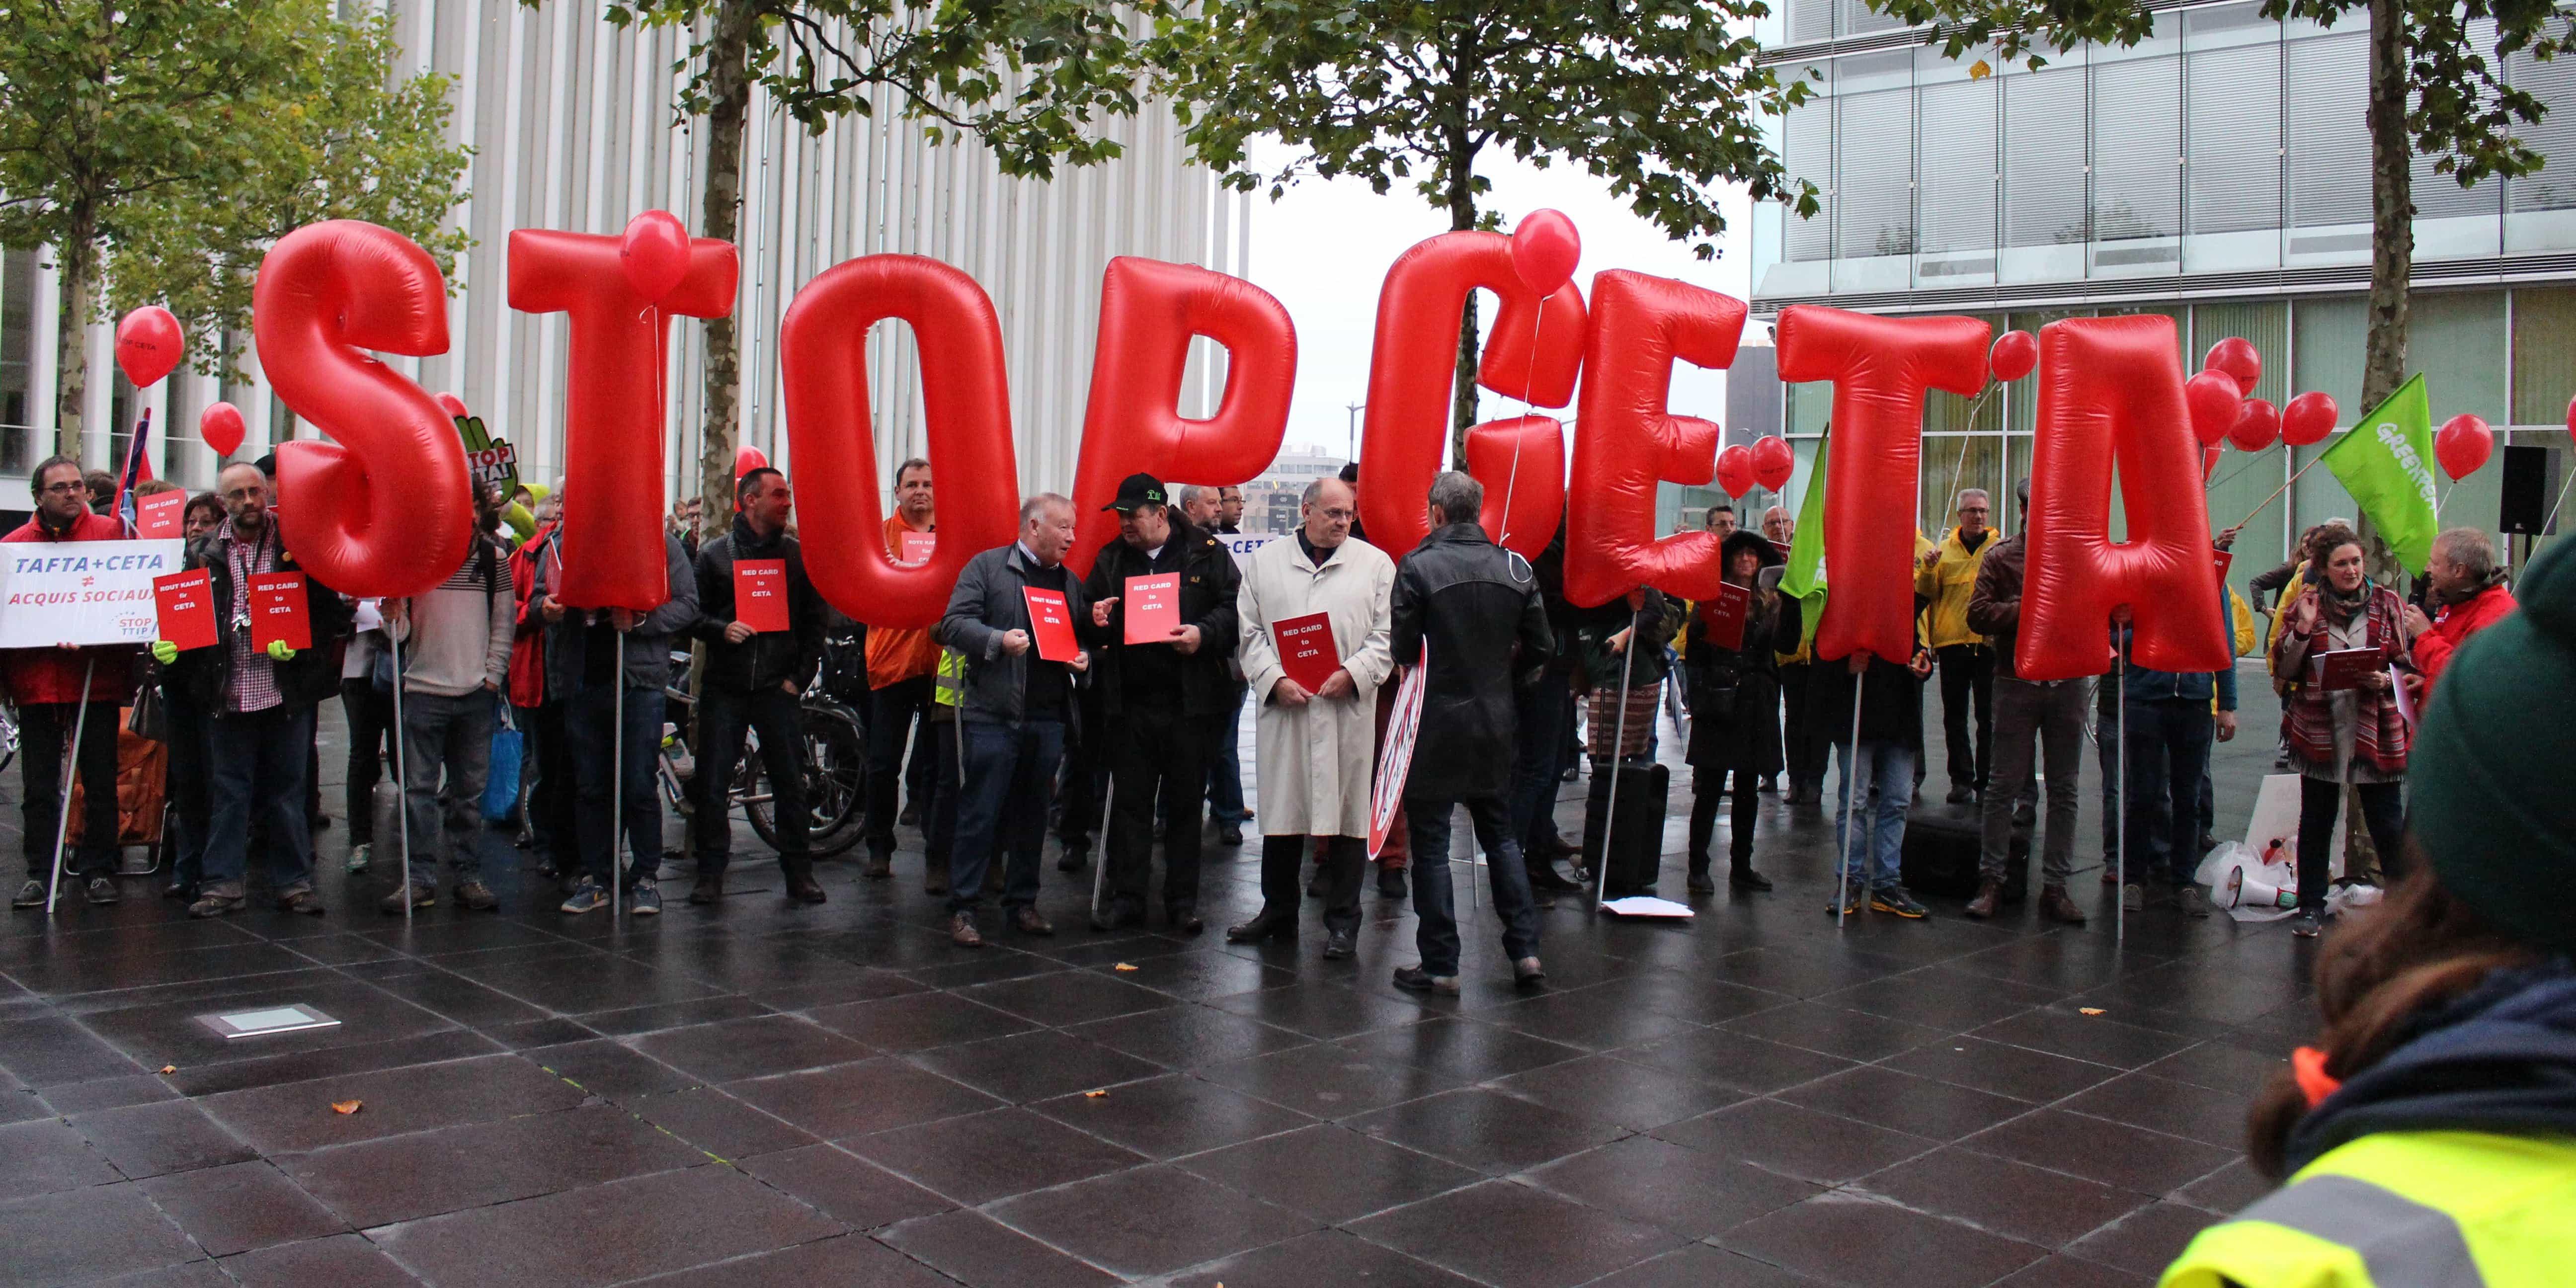 Campaña Stop-CETA I La Marea